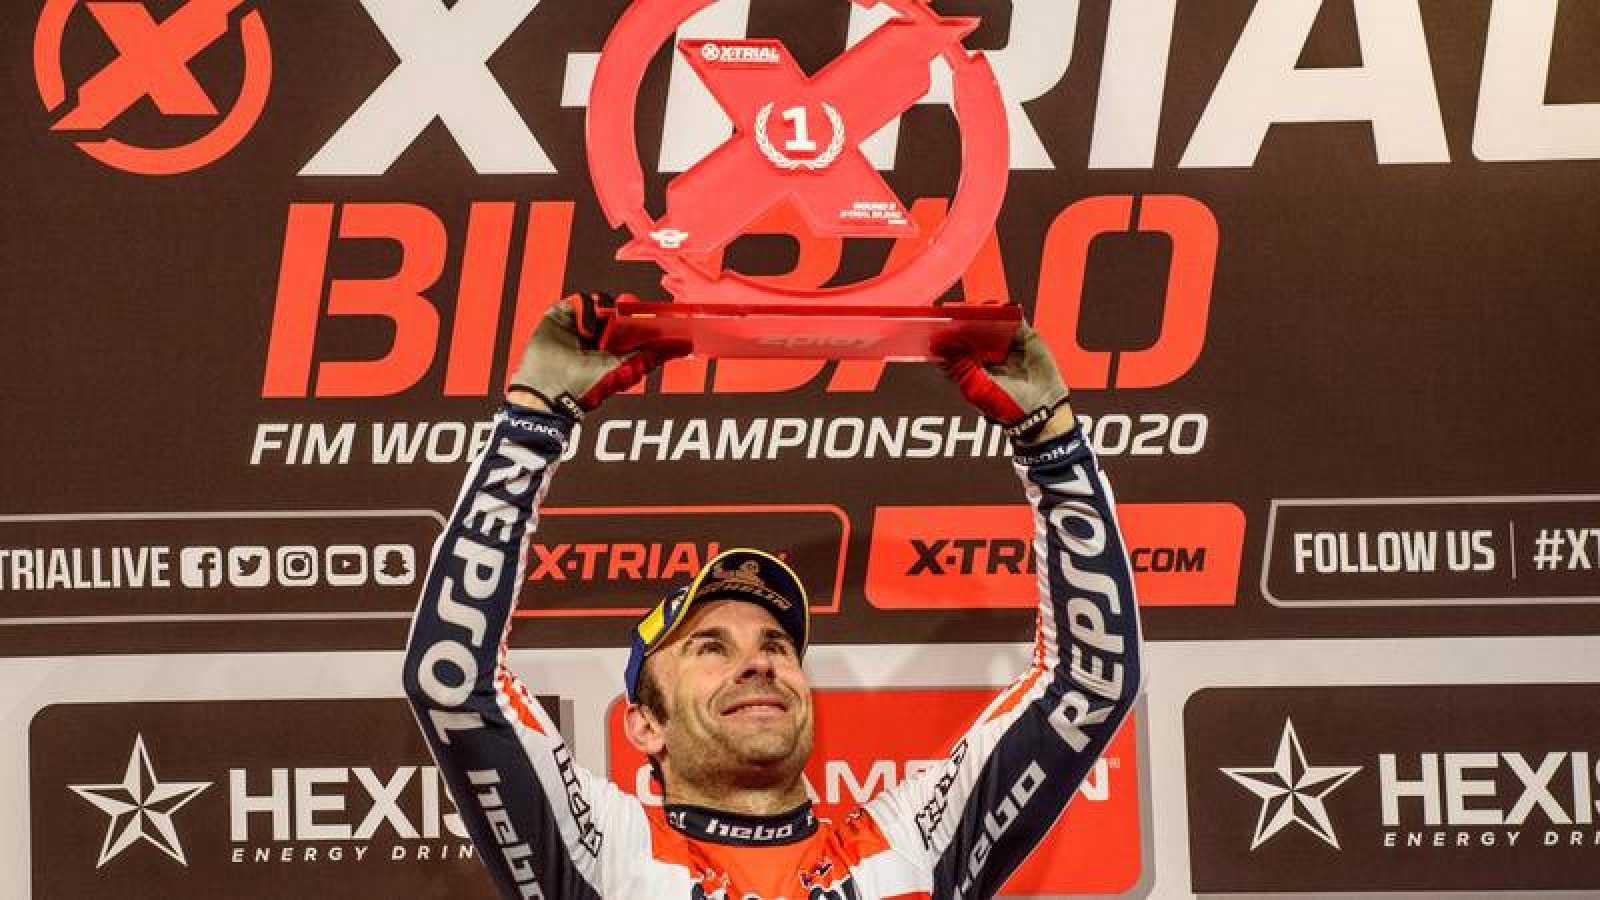 El piloto Toni Bou celbra su triunfo en la quinta prueba del Campeonato del Mundo de X-Trial 2020 en  Bilbao.